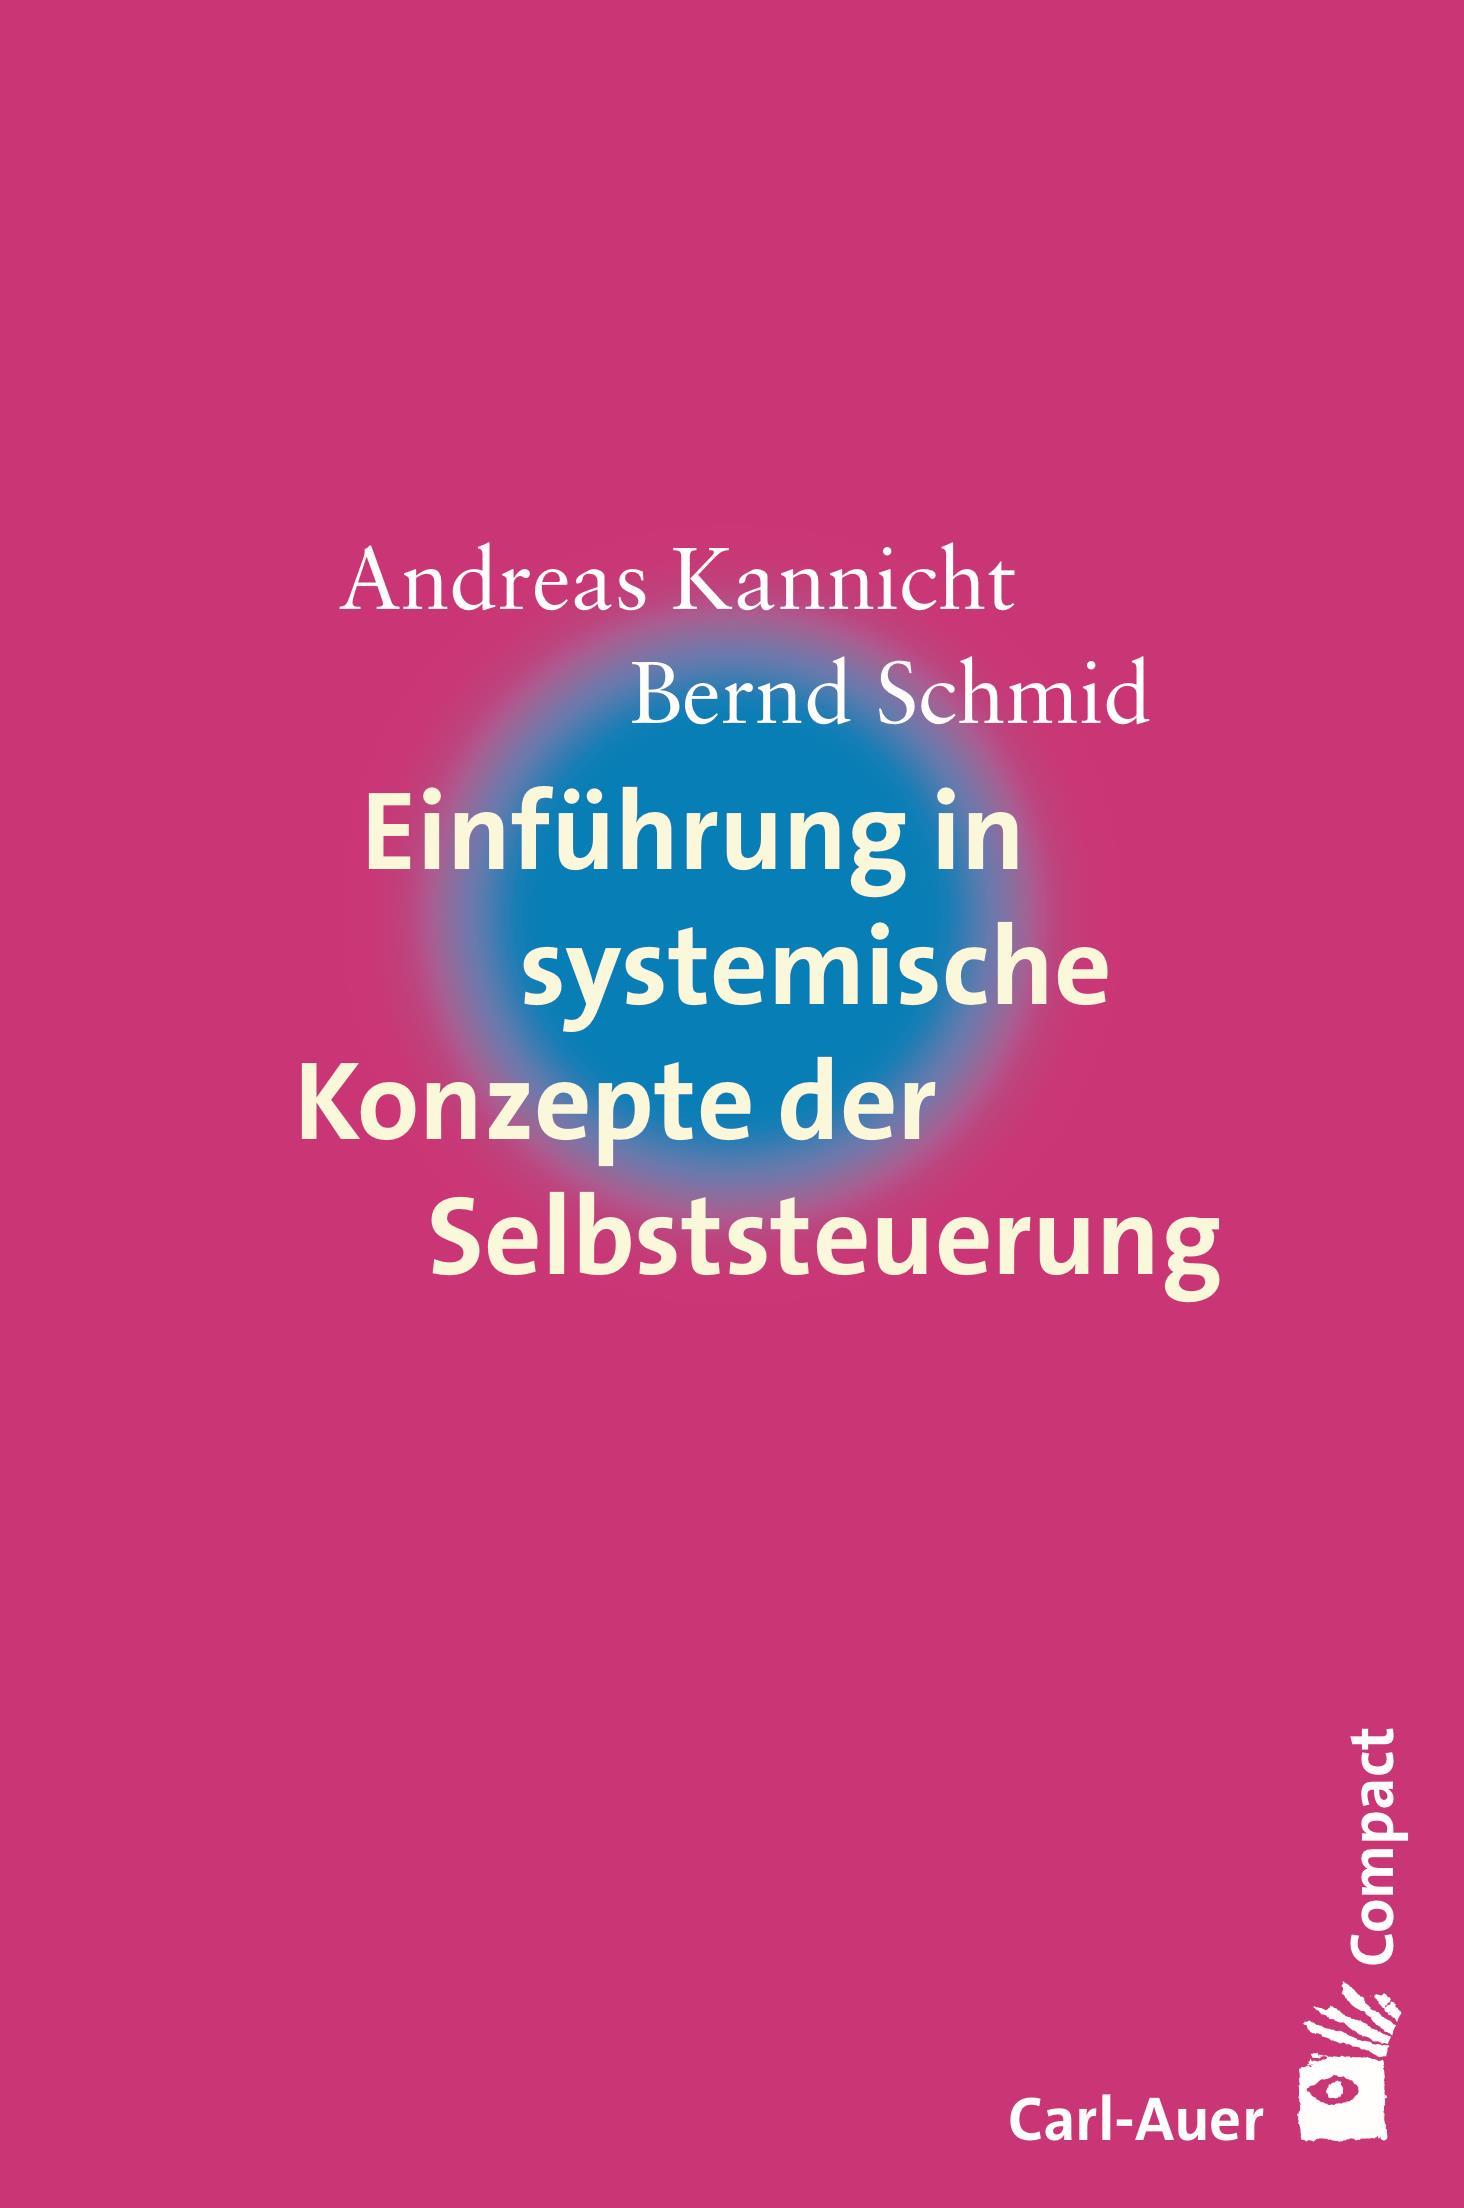 Cover Einführung in systemische Konzepte der Selbststeuerung.